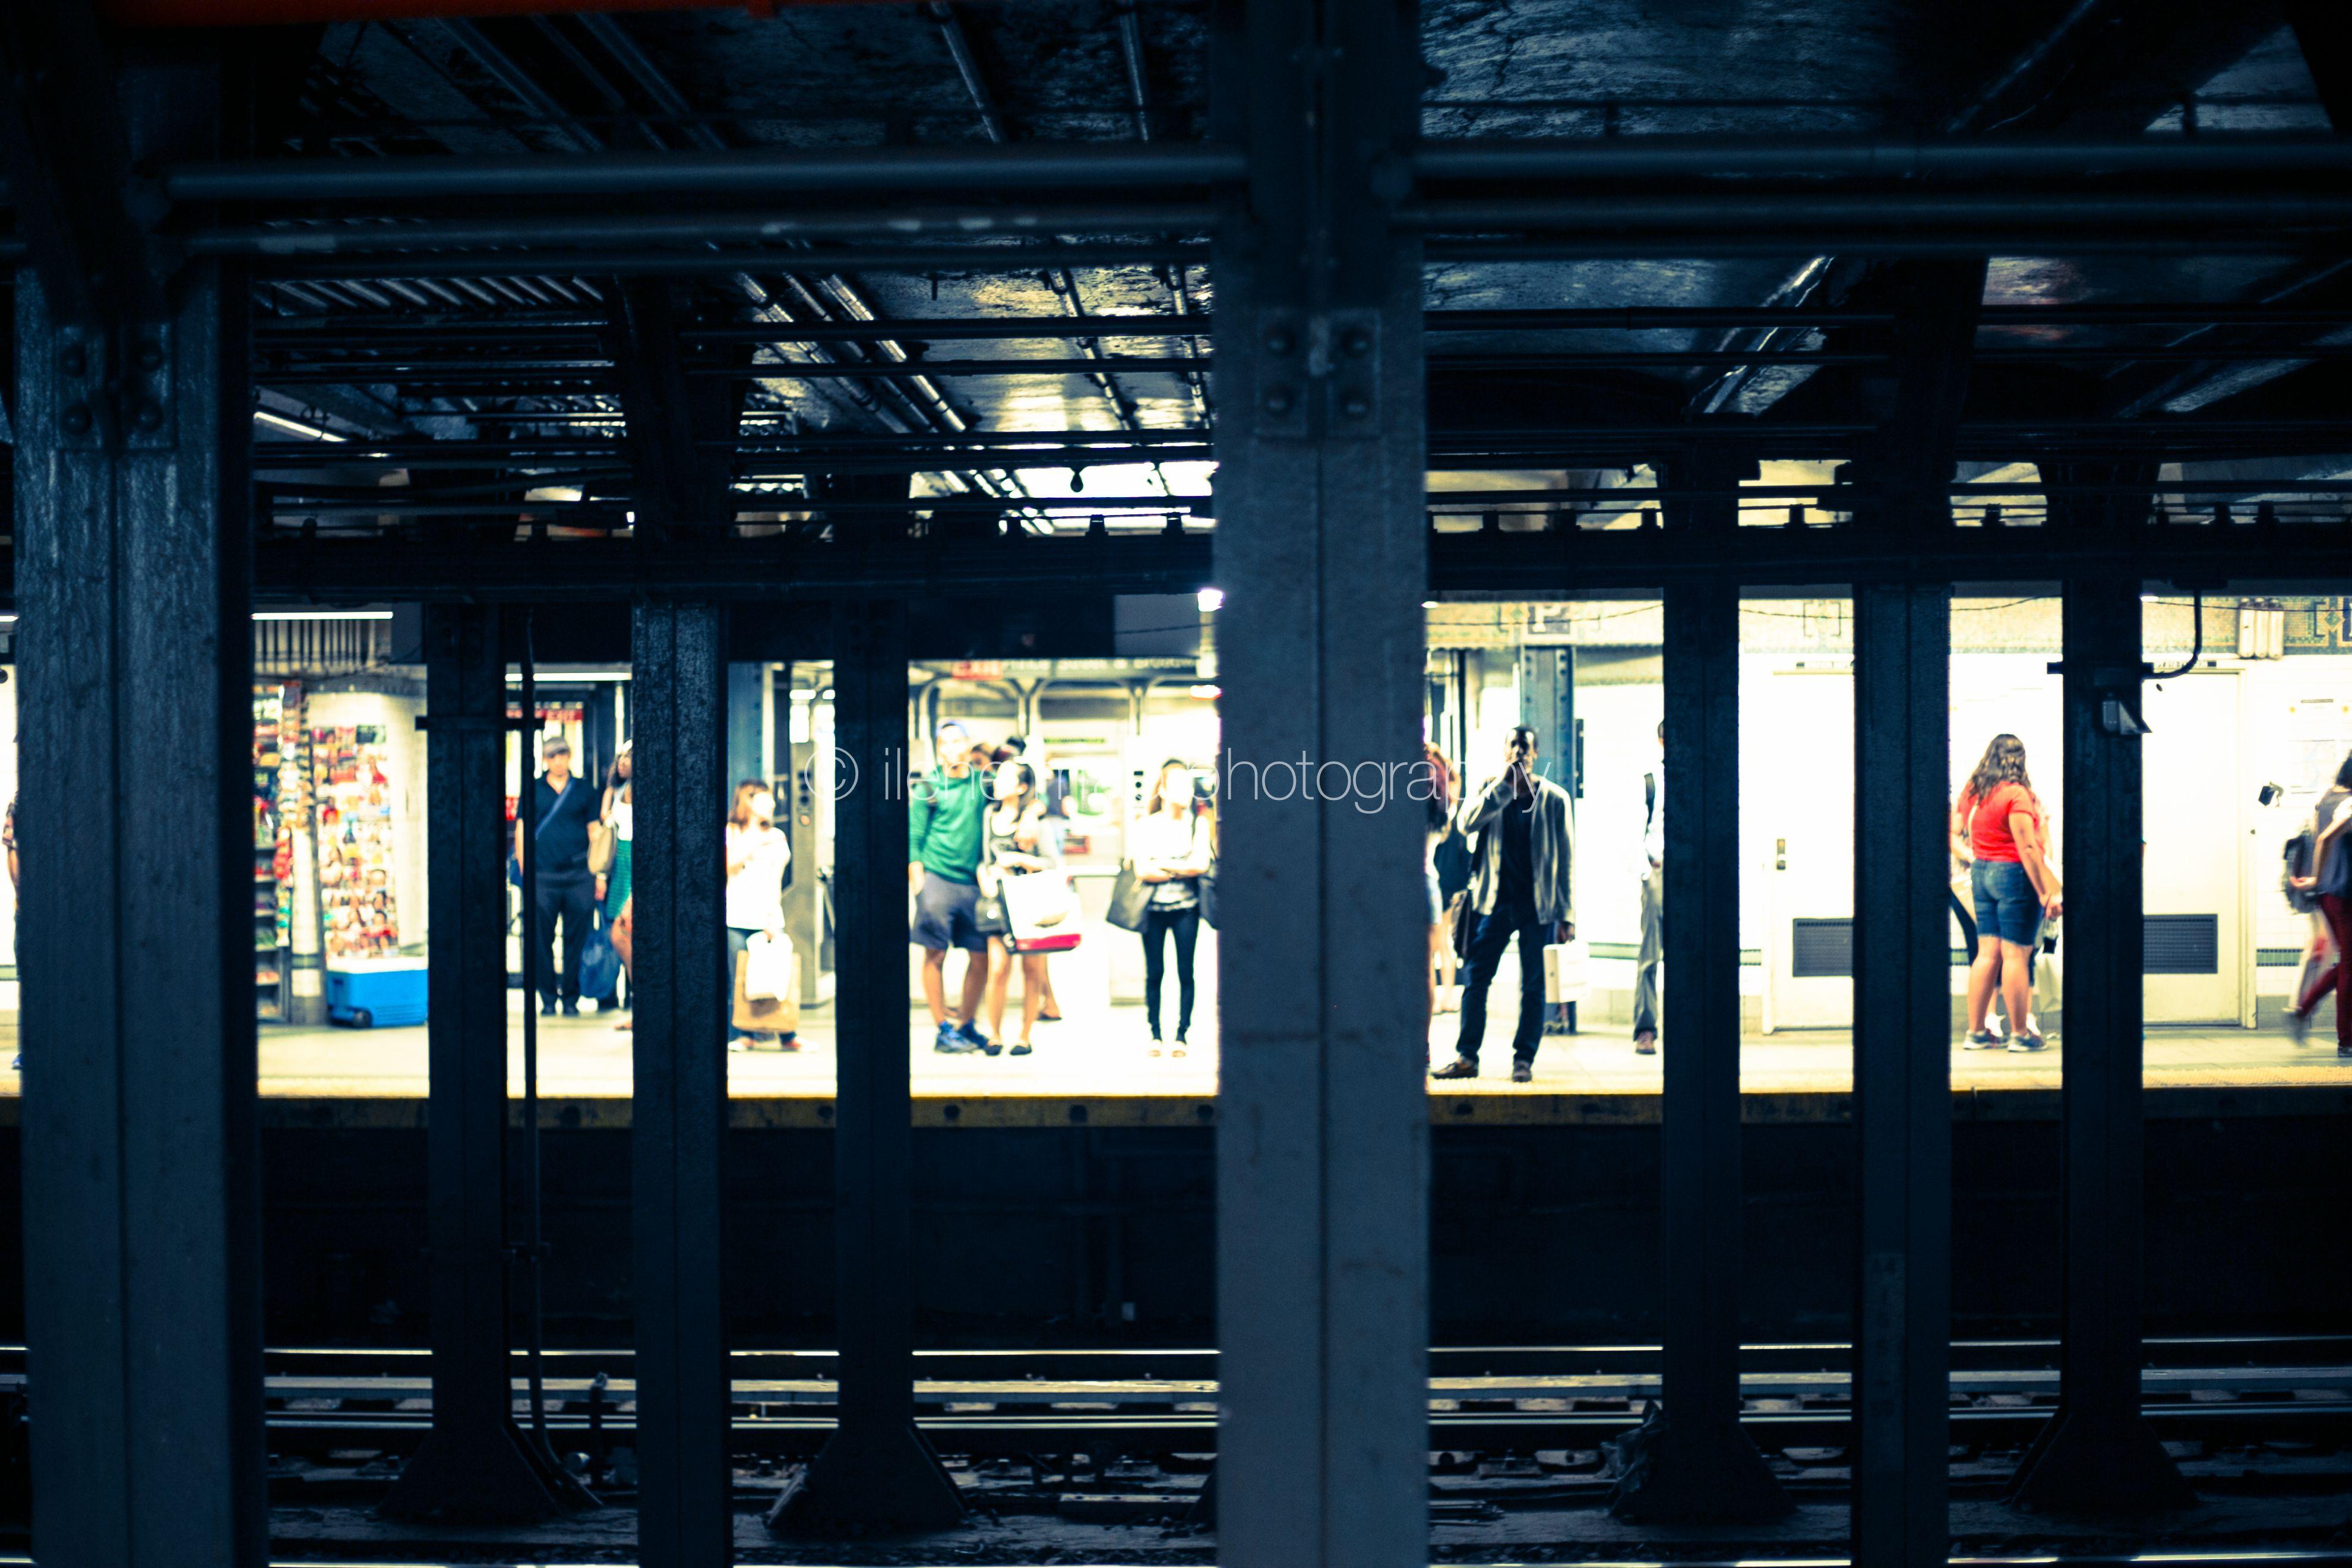 Subway Transportation #NYC#subway#ilenemaophotography